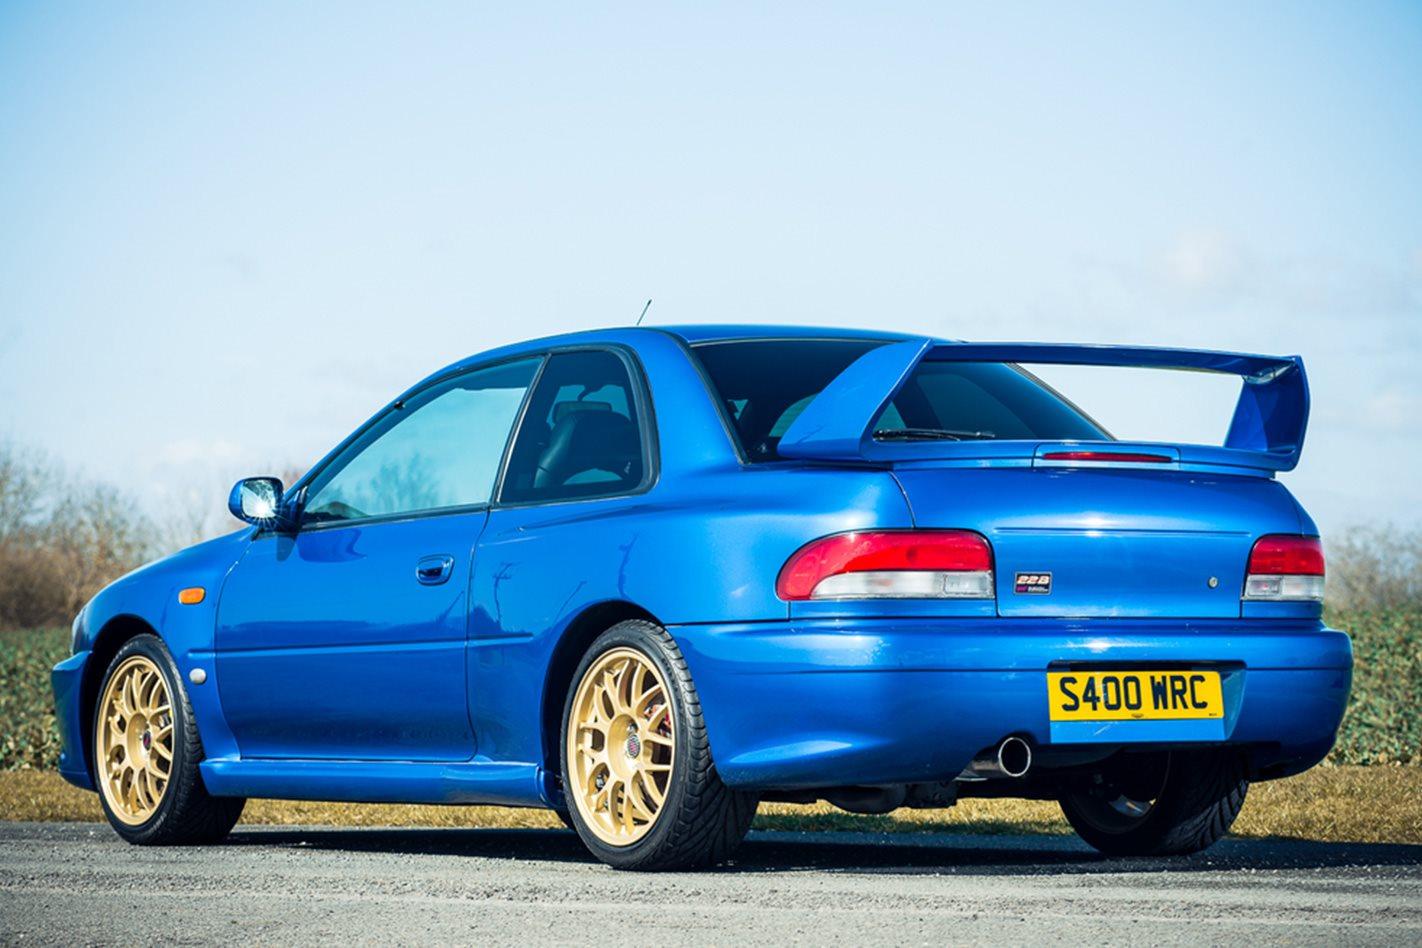 1999 Subaru WRX STi 22B rear